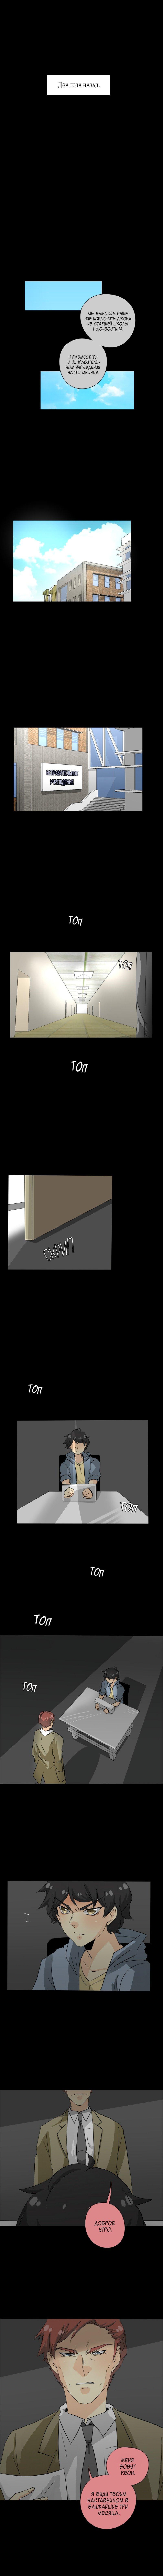 Манга неОРДИНАРНЫЕ / unORDINARY  - Том 1 Глава 109 Страница 1